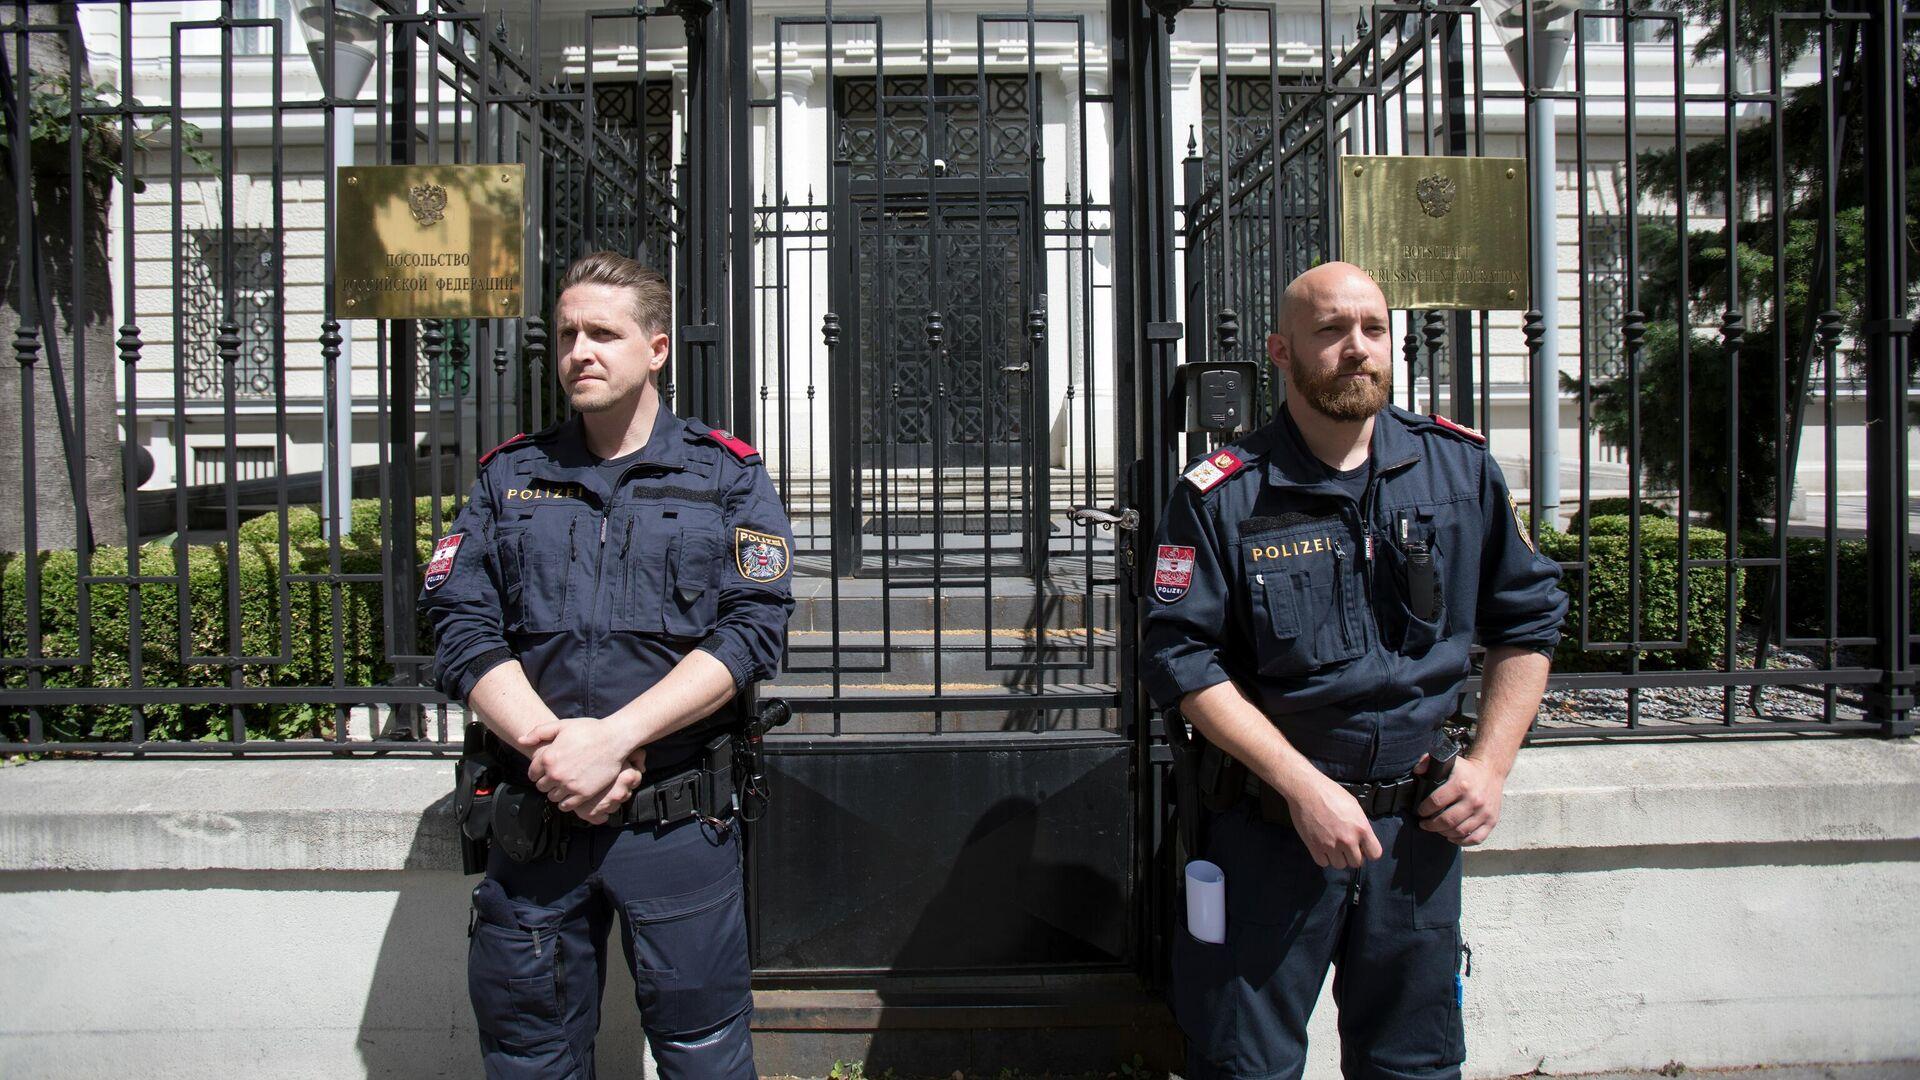 Полицейские у здания посольства России в Вене - РИА Новости, 1920, 24.08.2020